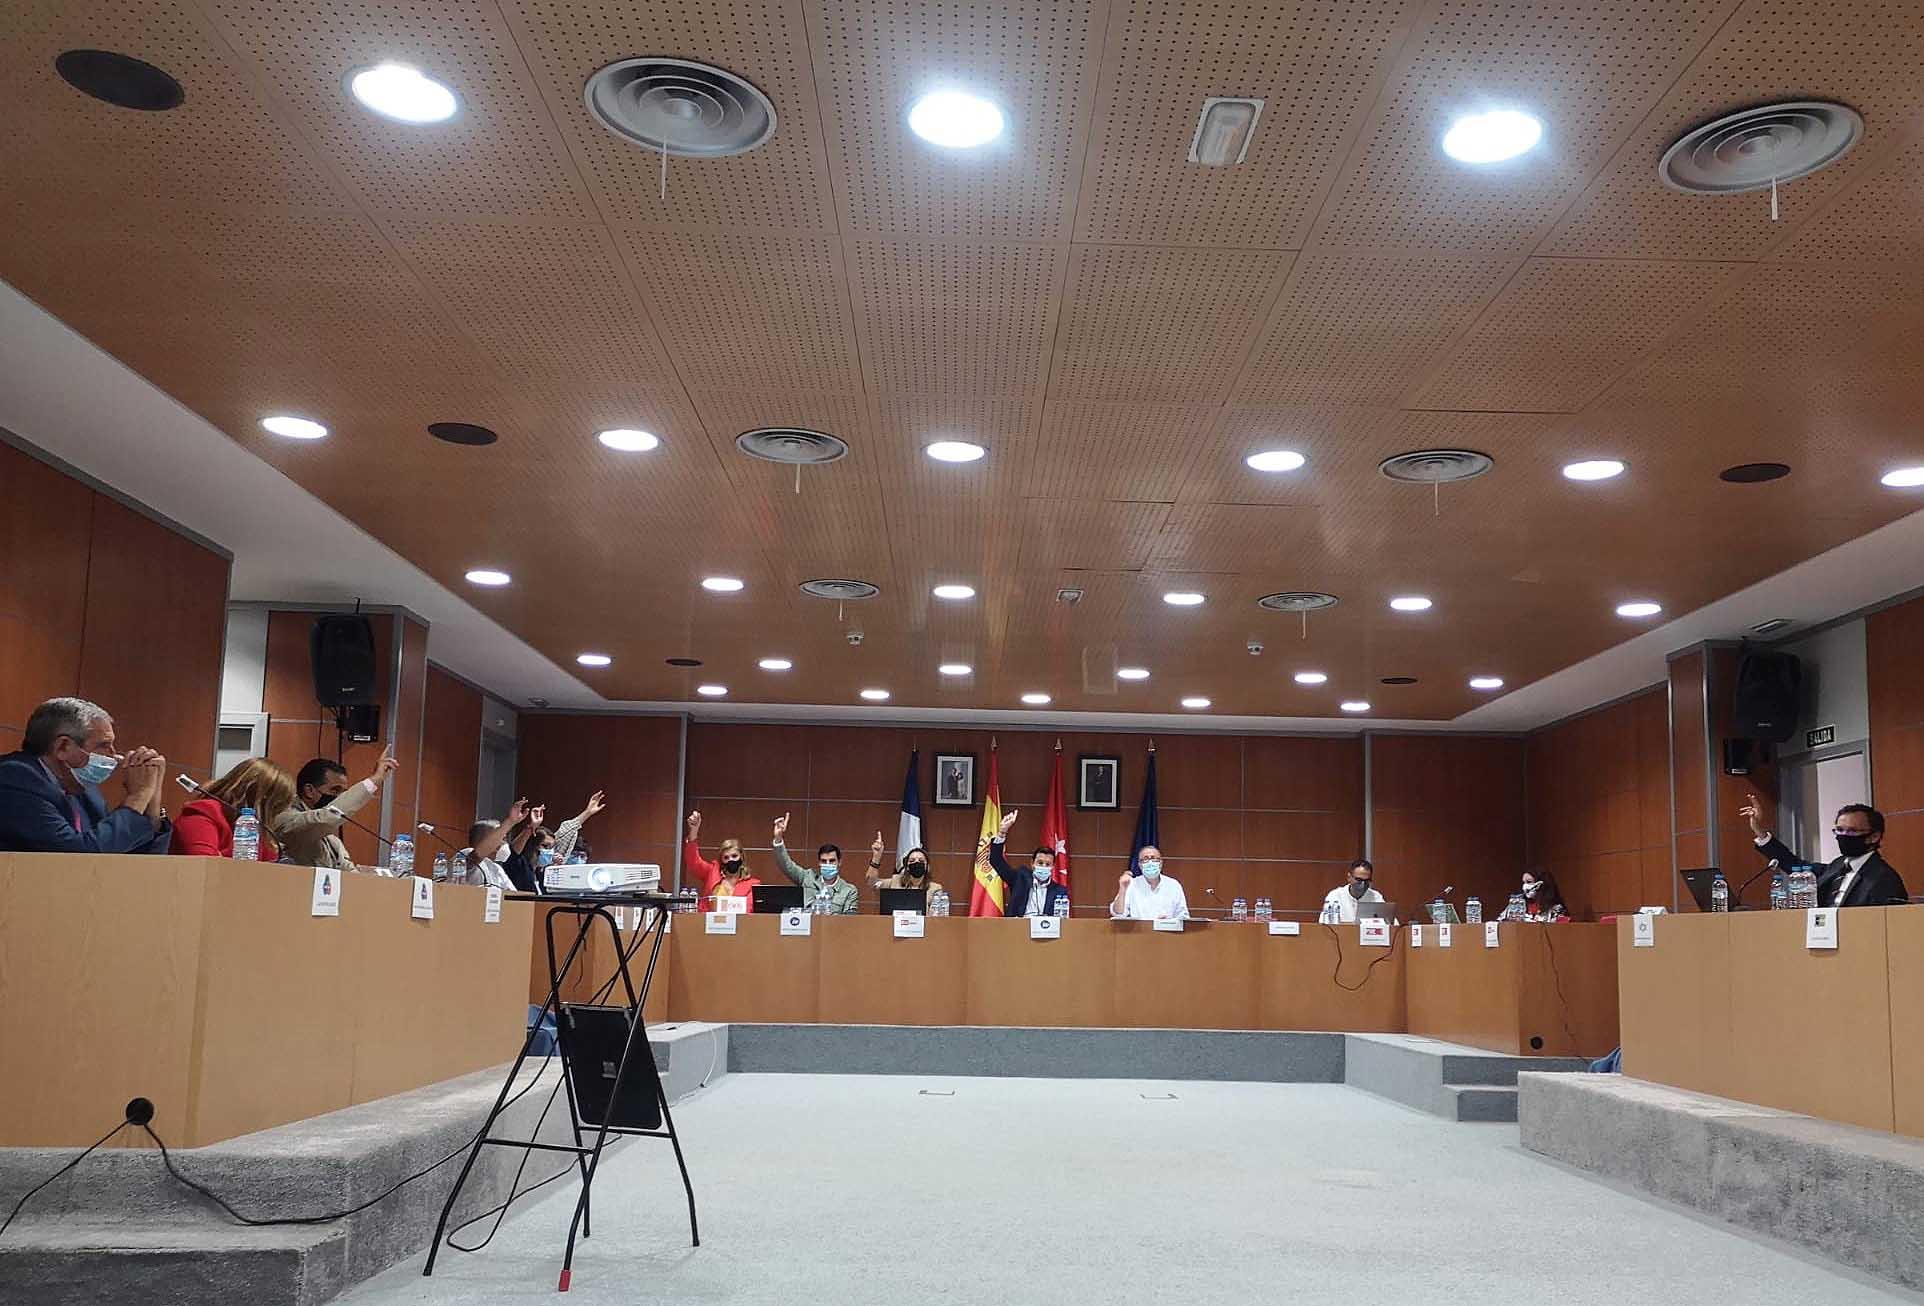 El Pleno acuerda el inicio de la tramitación administrativa  para la cesión temporal de uso  a la Comunidad de Madrid del inmueble municipal  que desde este curso dota a Valdemorillo de su primer  Centro de Formación Profesional